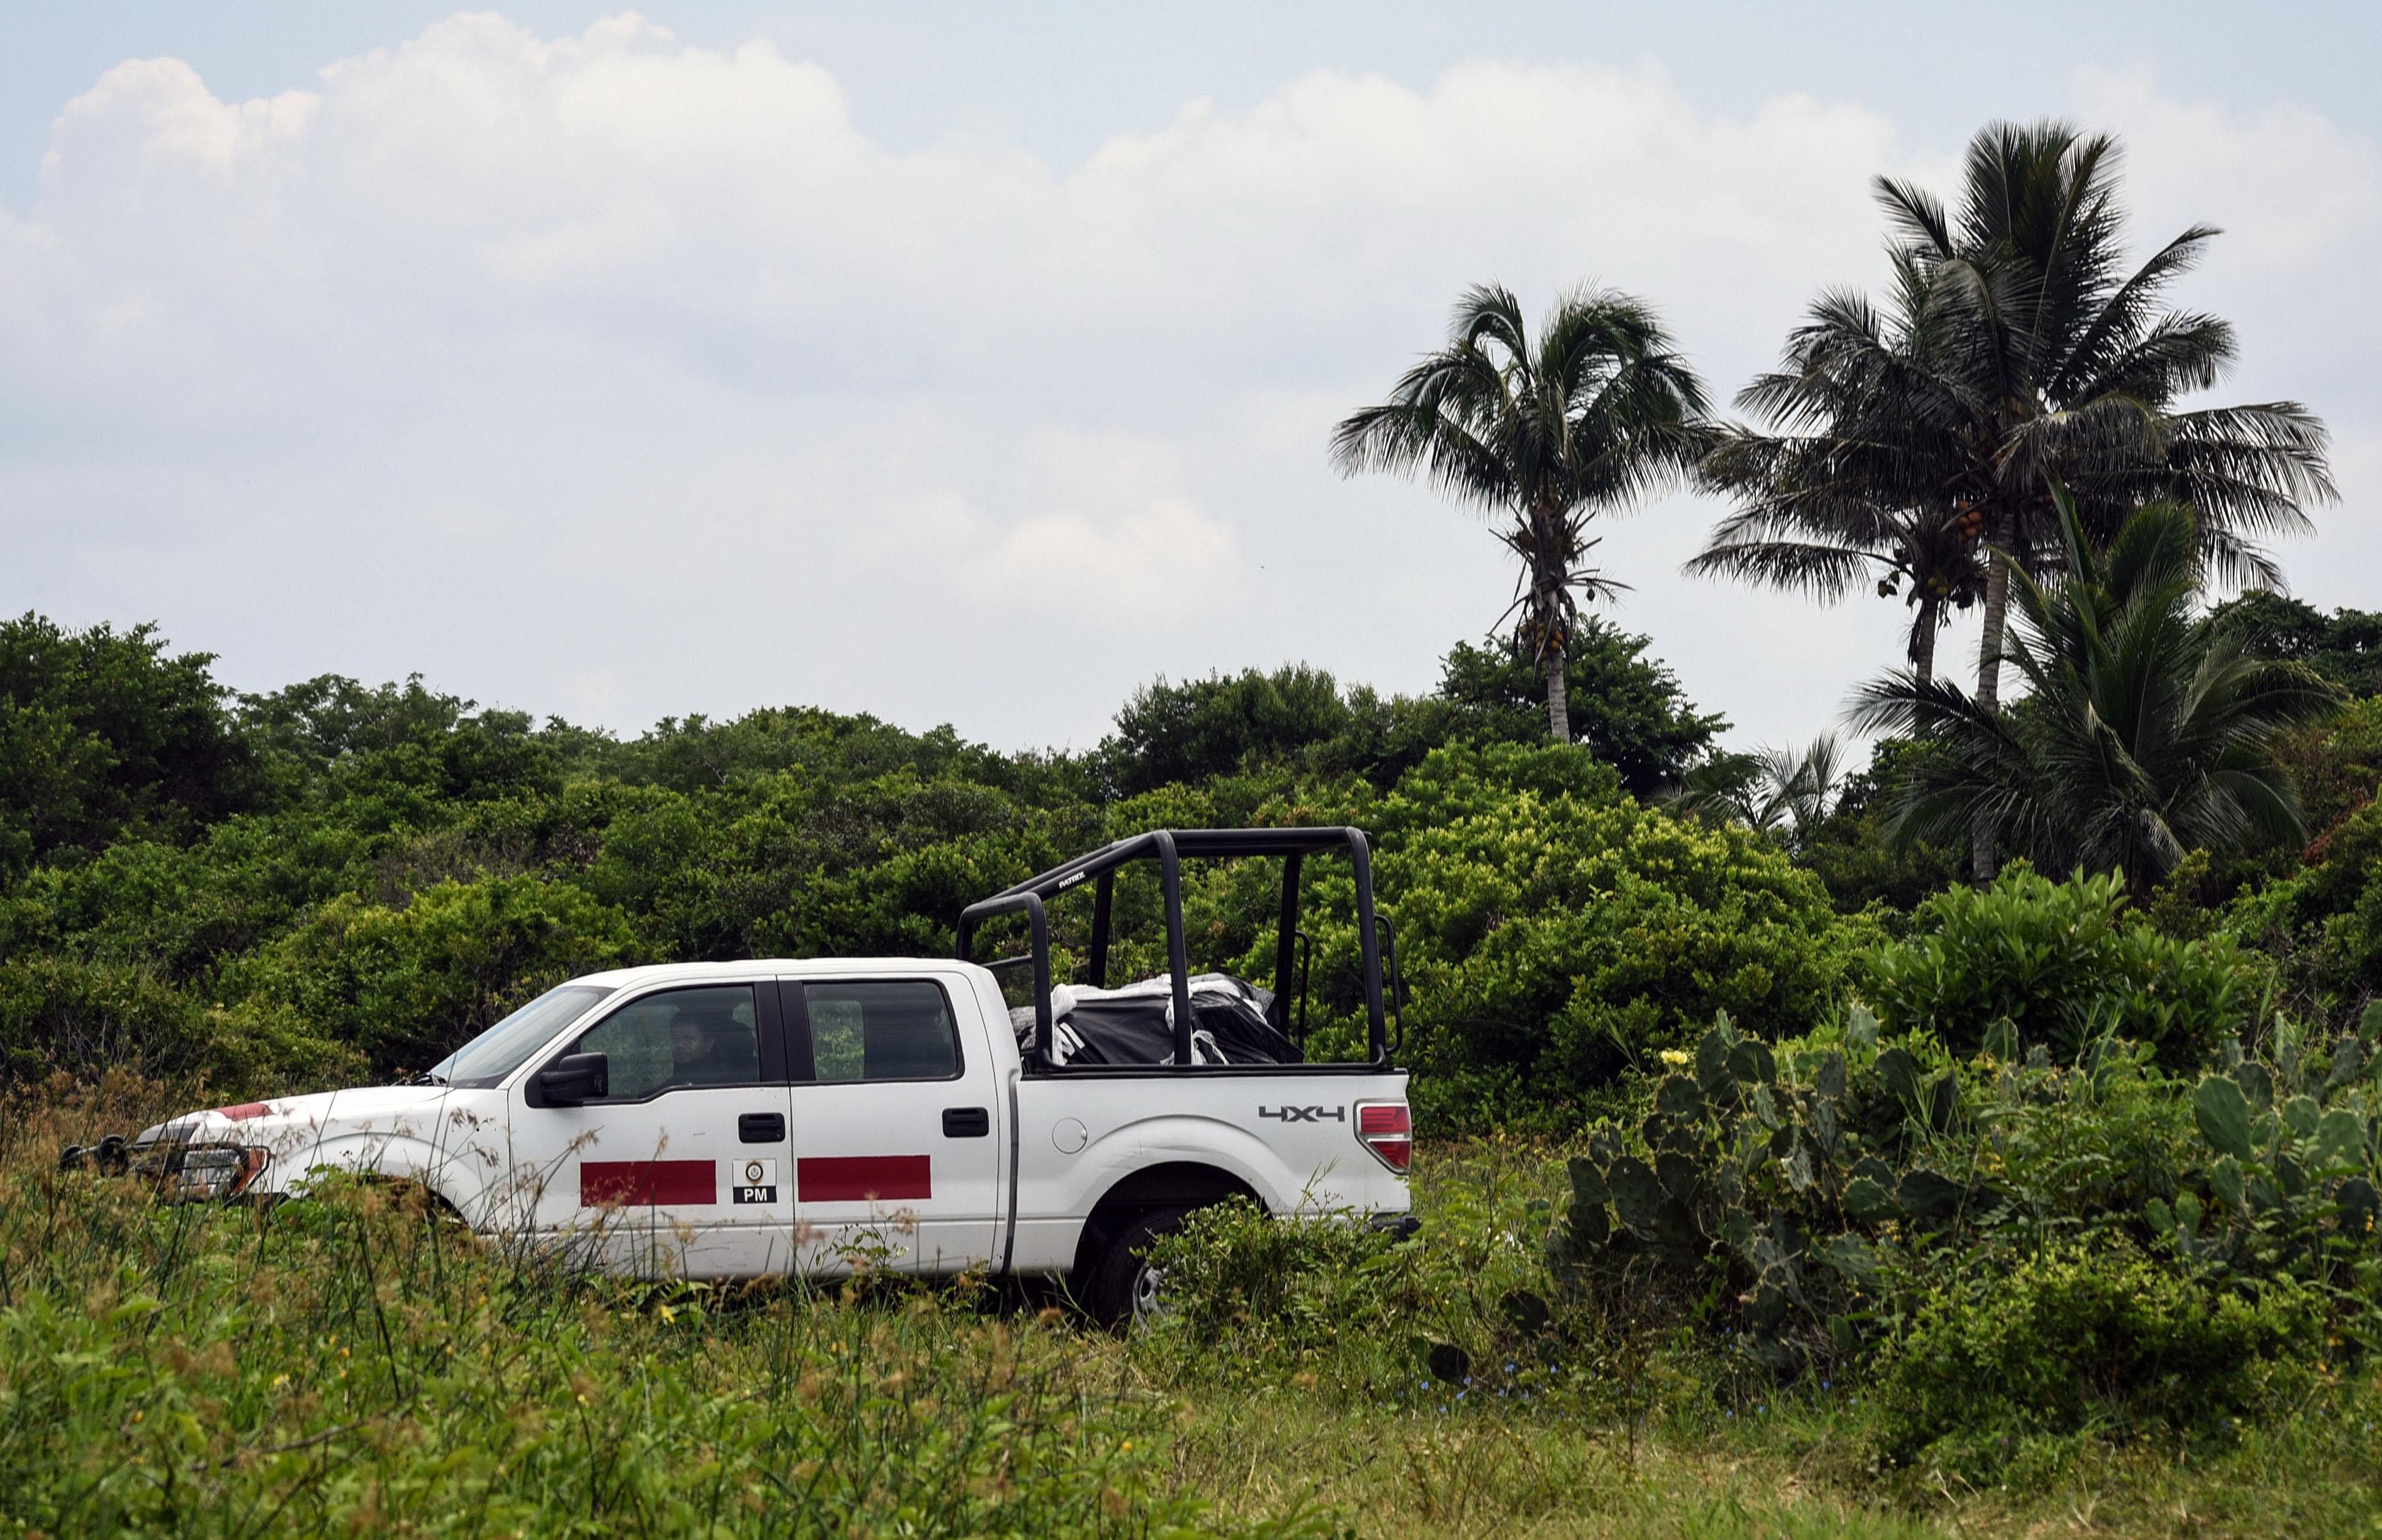 سيارة الشرطة بموقع المقبرة